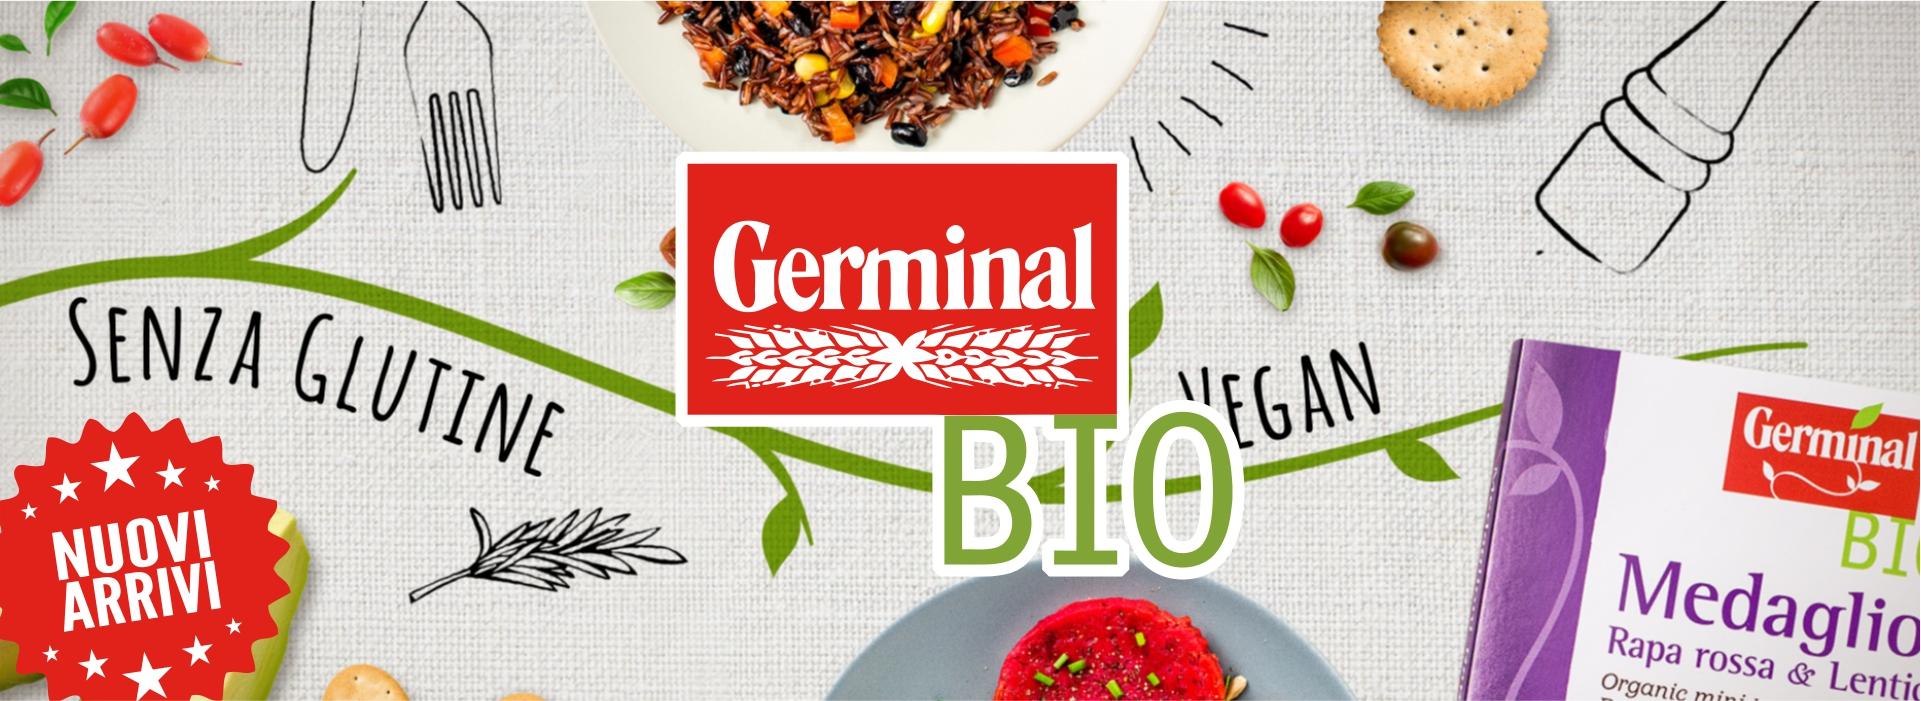 Germinal Bio prodotti biologici nuovi-arrivi